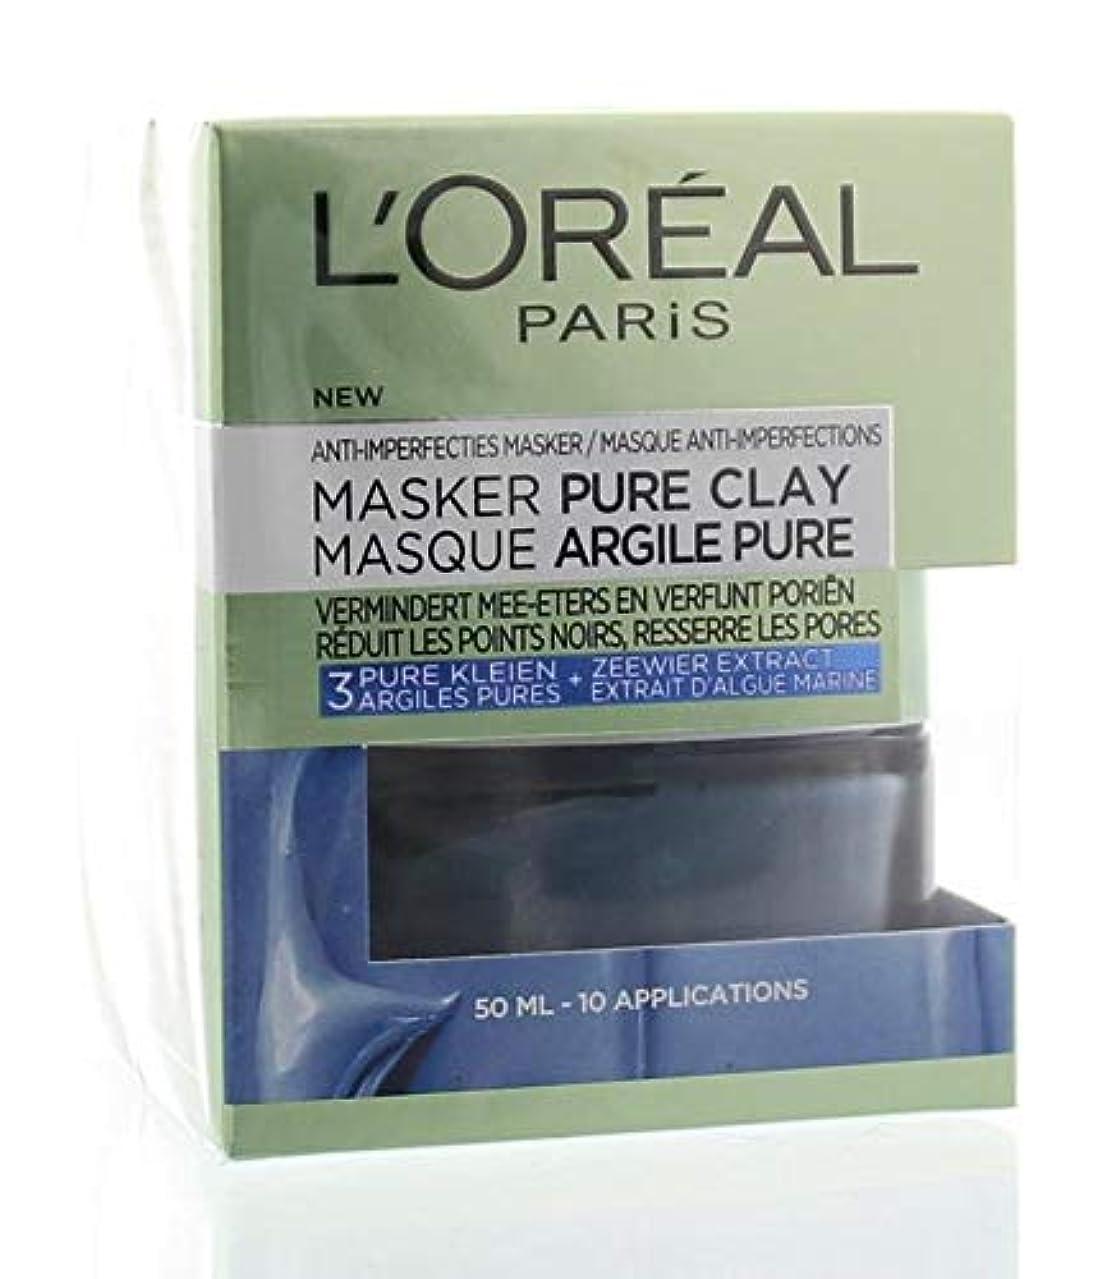 登録感覚マーチャンダイザーロレアル Pure Clay Mask - Anti-Imperfections Mask 50ml/1.7oz並行輸入品